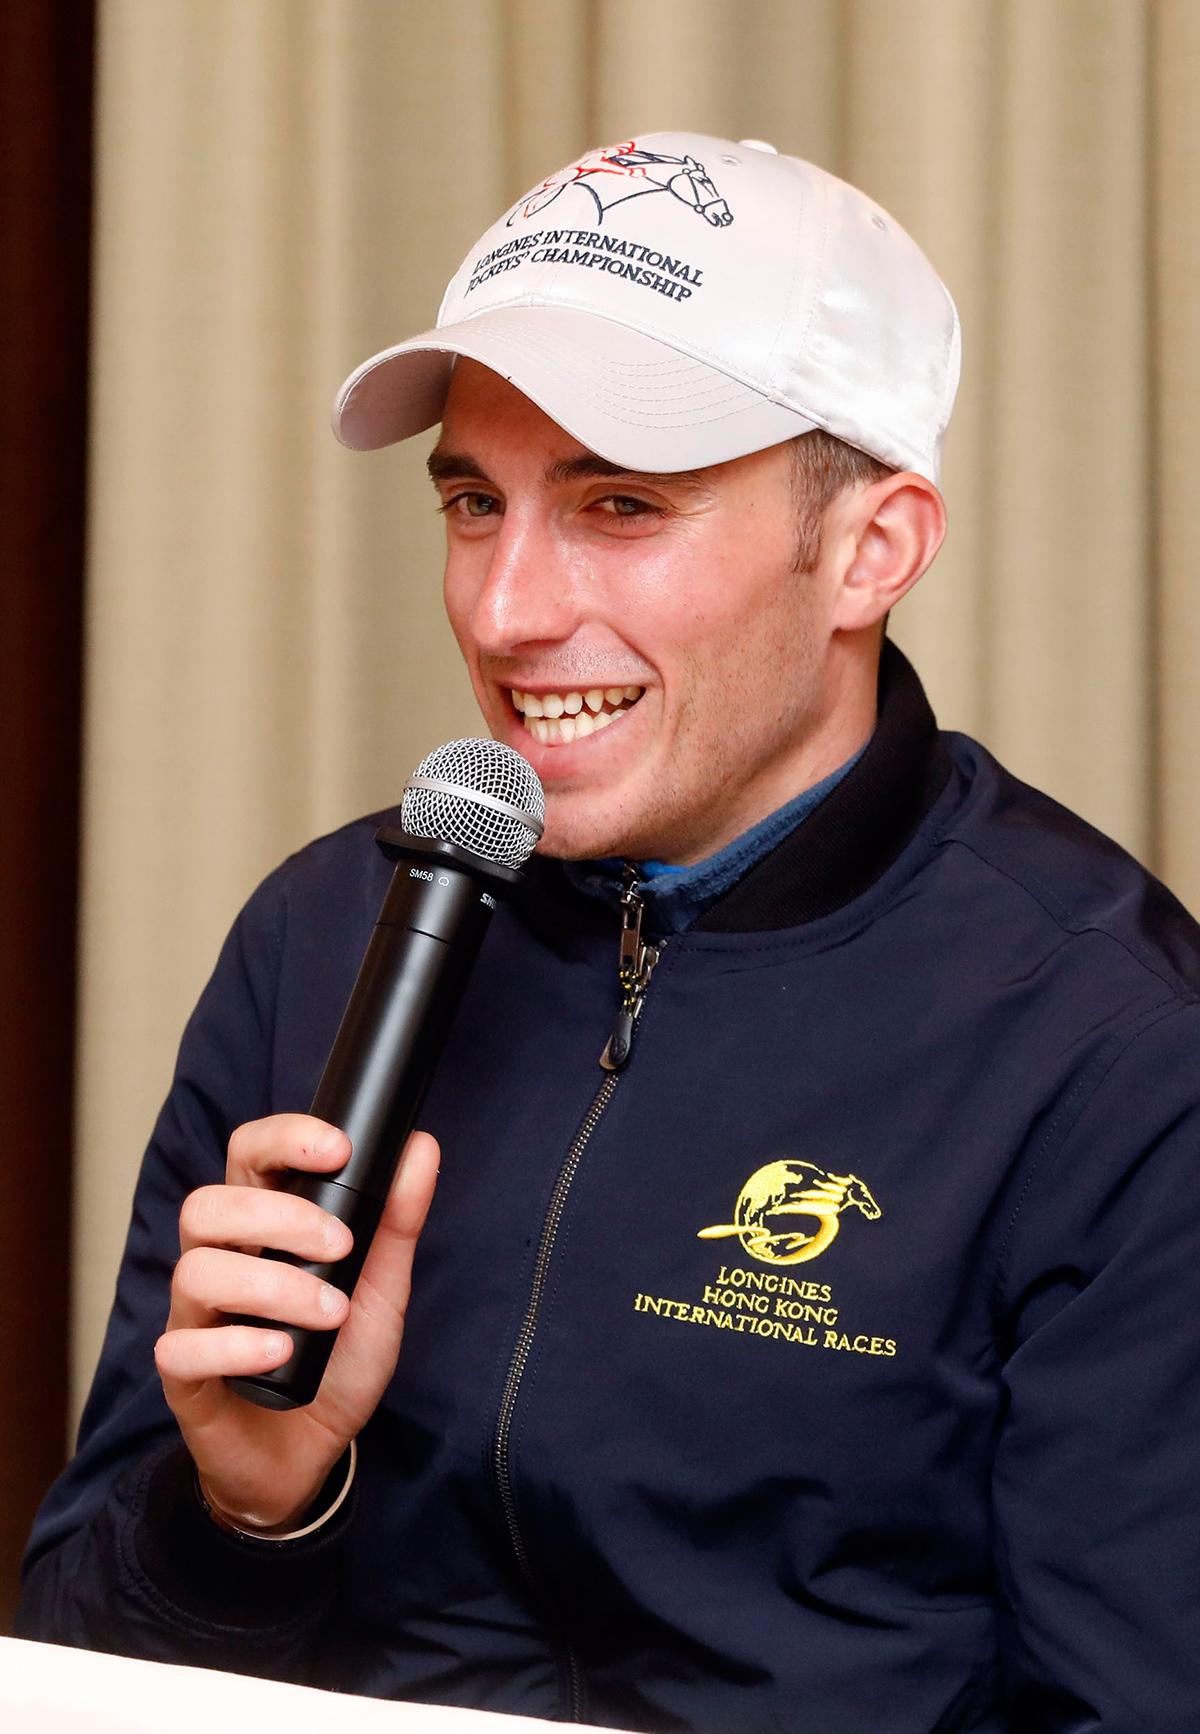 馬會騎師布達德今晨於沙田馬場與傳媒會面及接受提問。